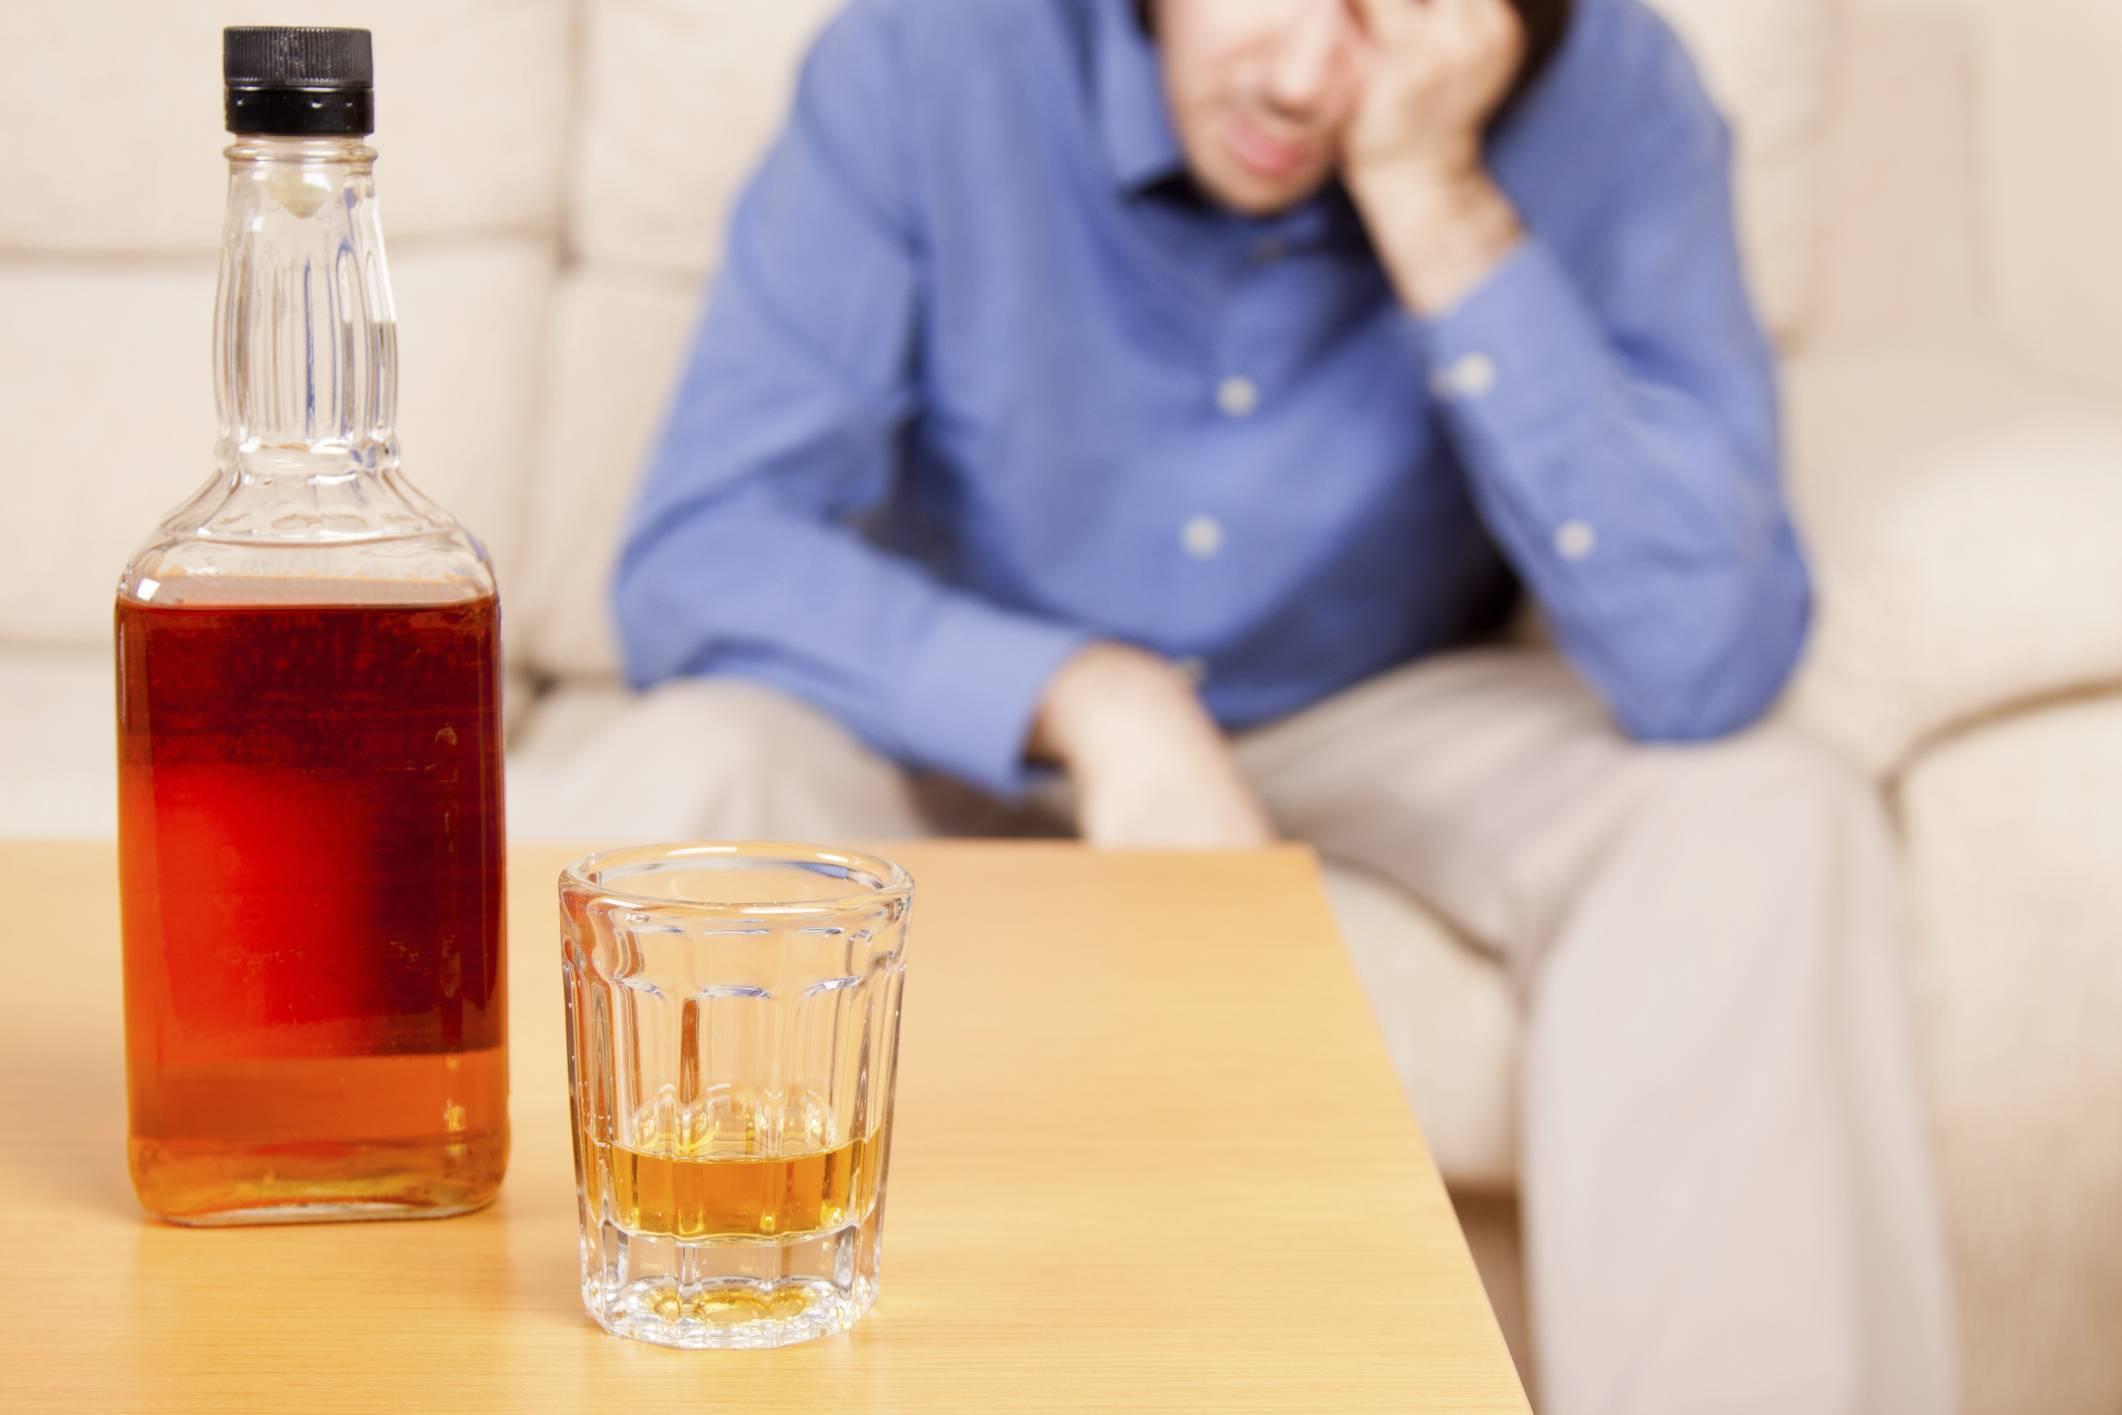 лечится ли алкоголизм